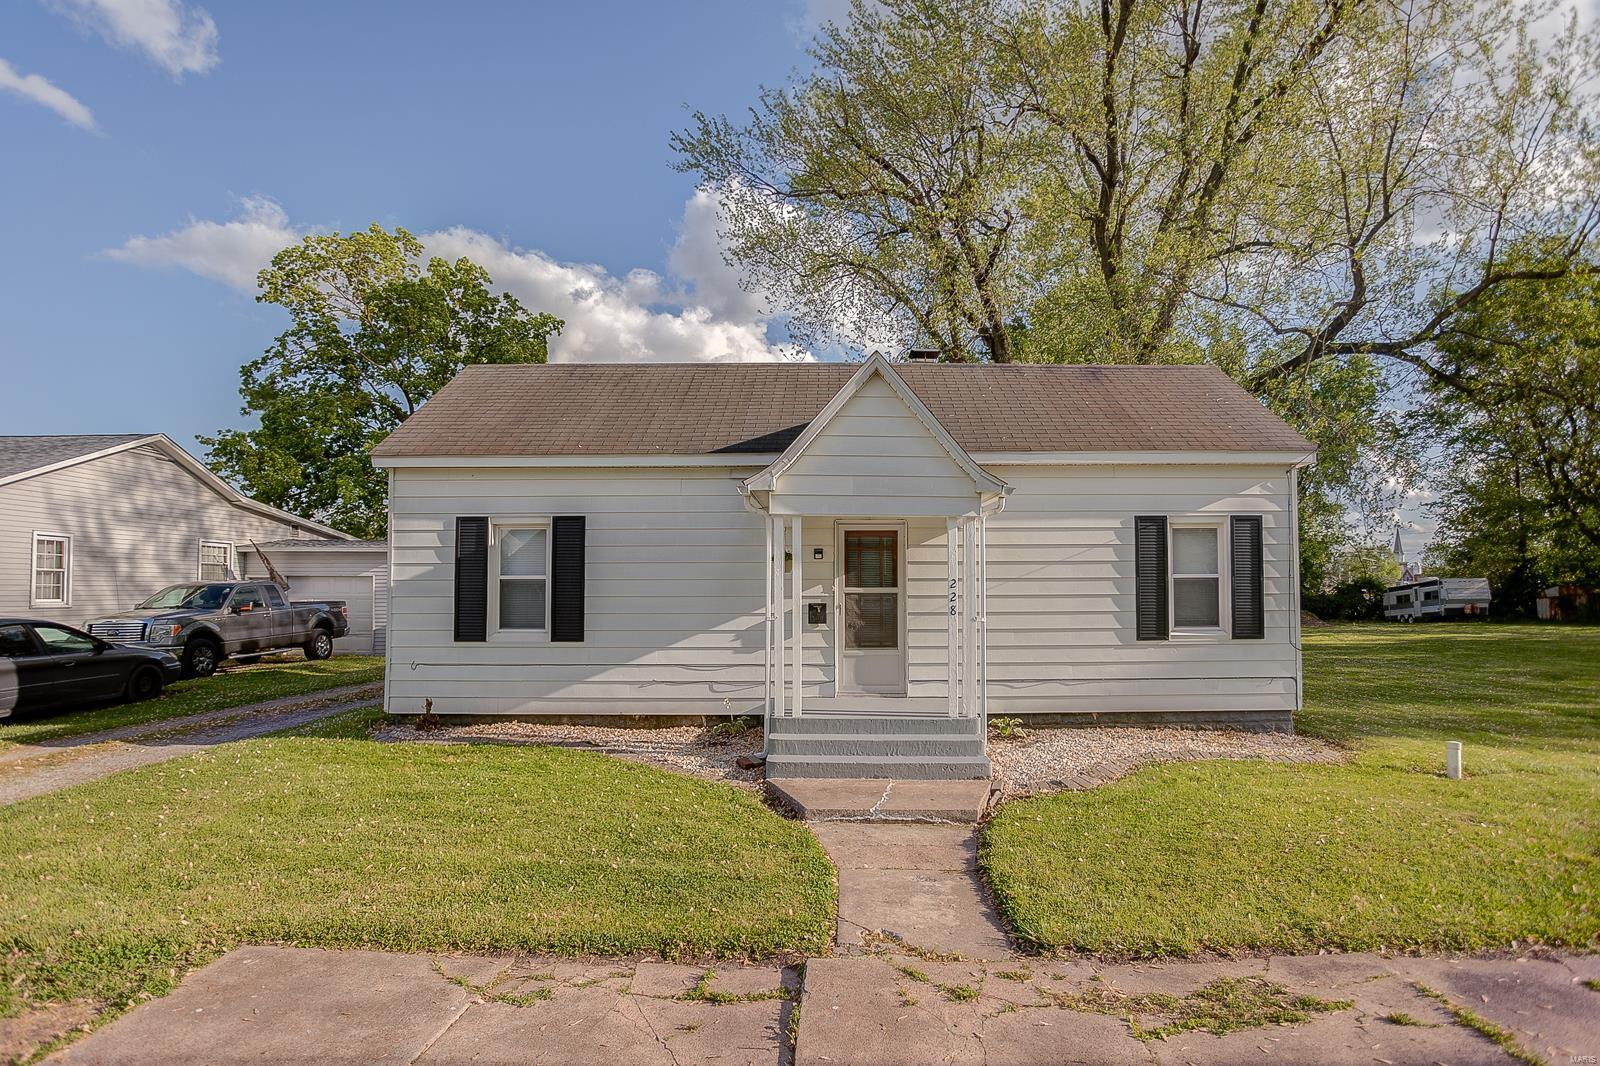 228 E North Street Property Photo - Staunton, IL real estate listing